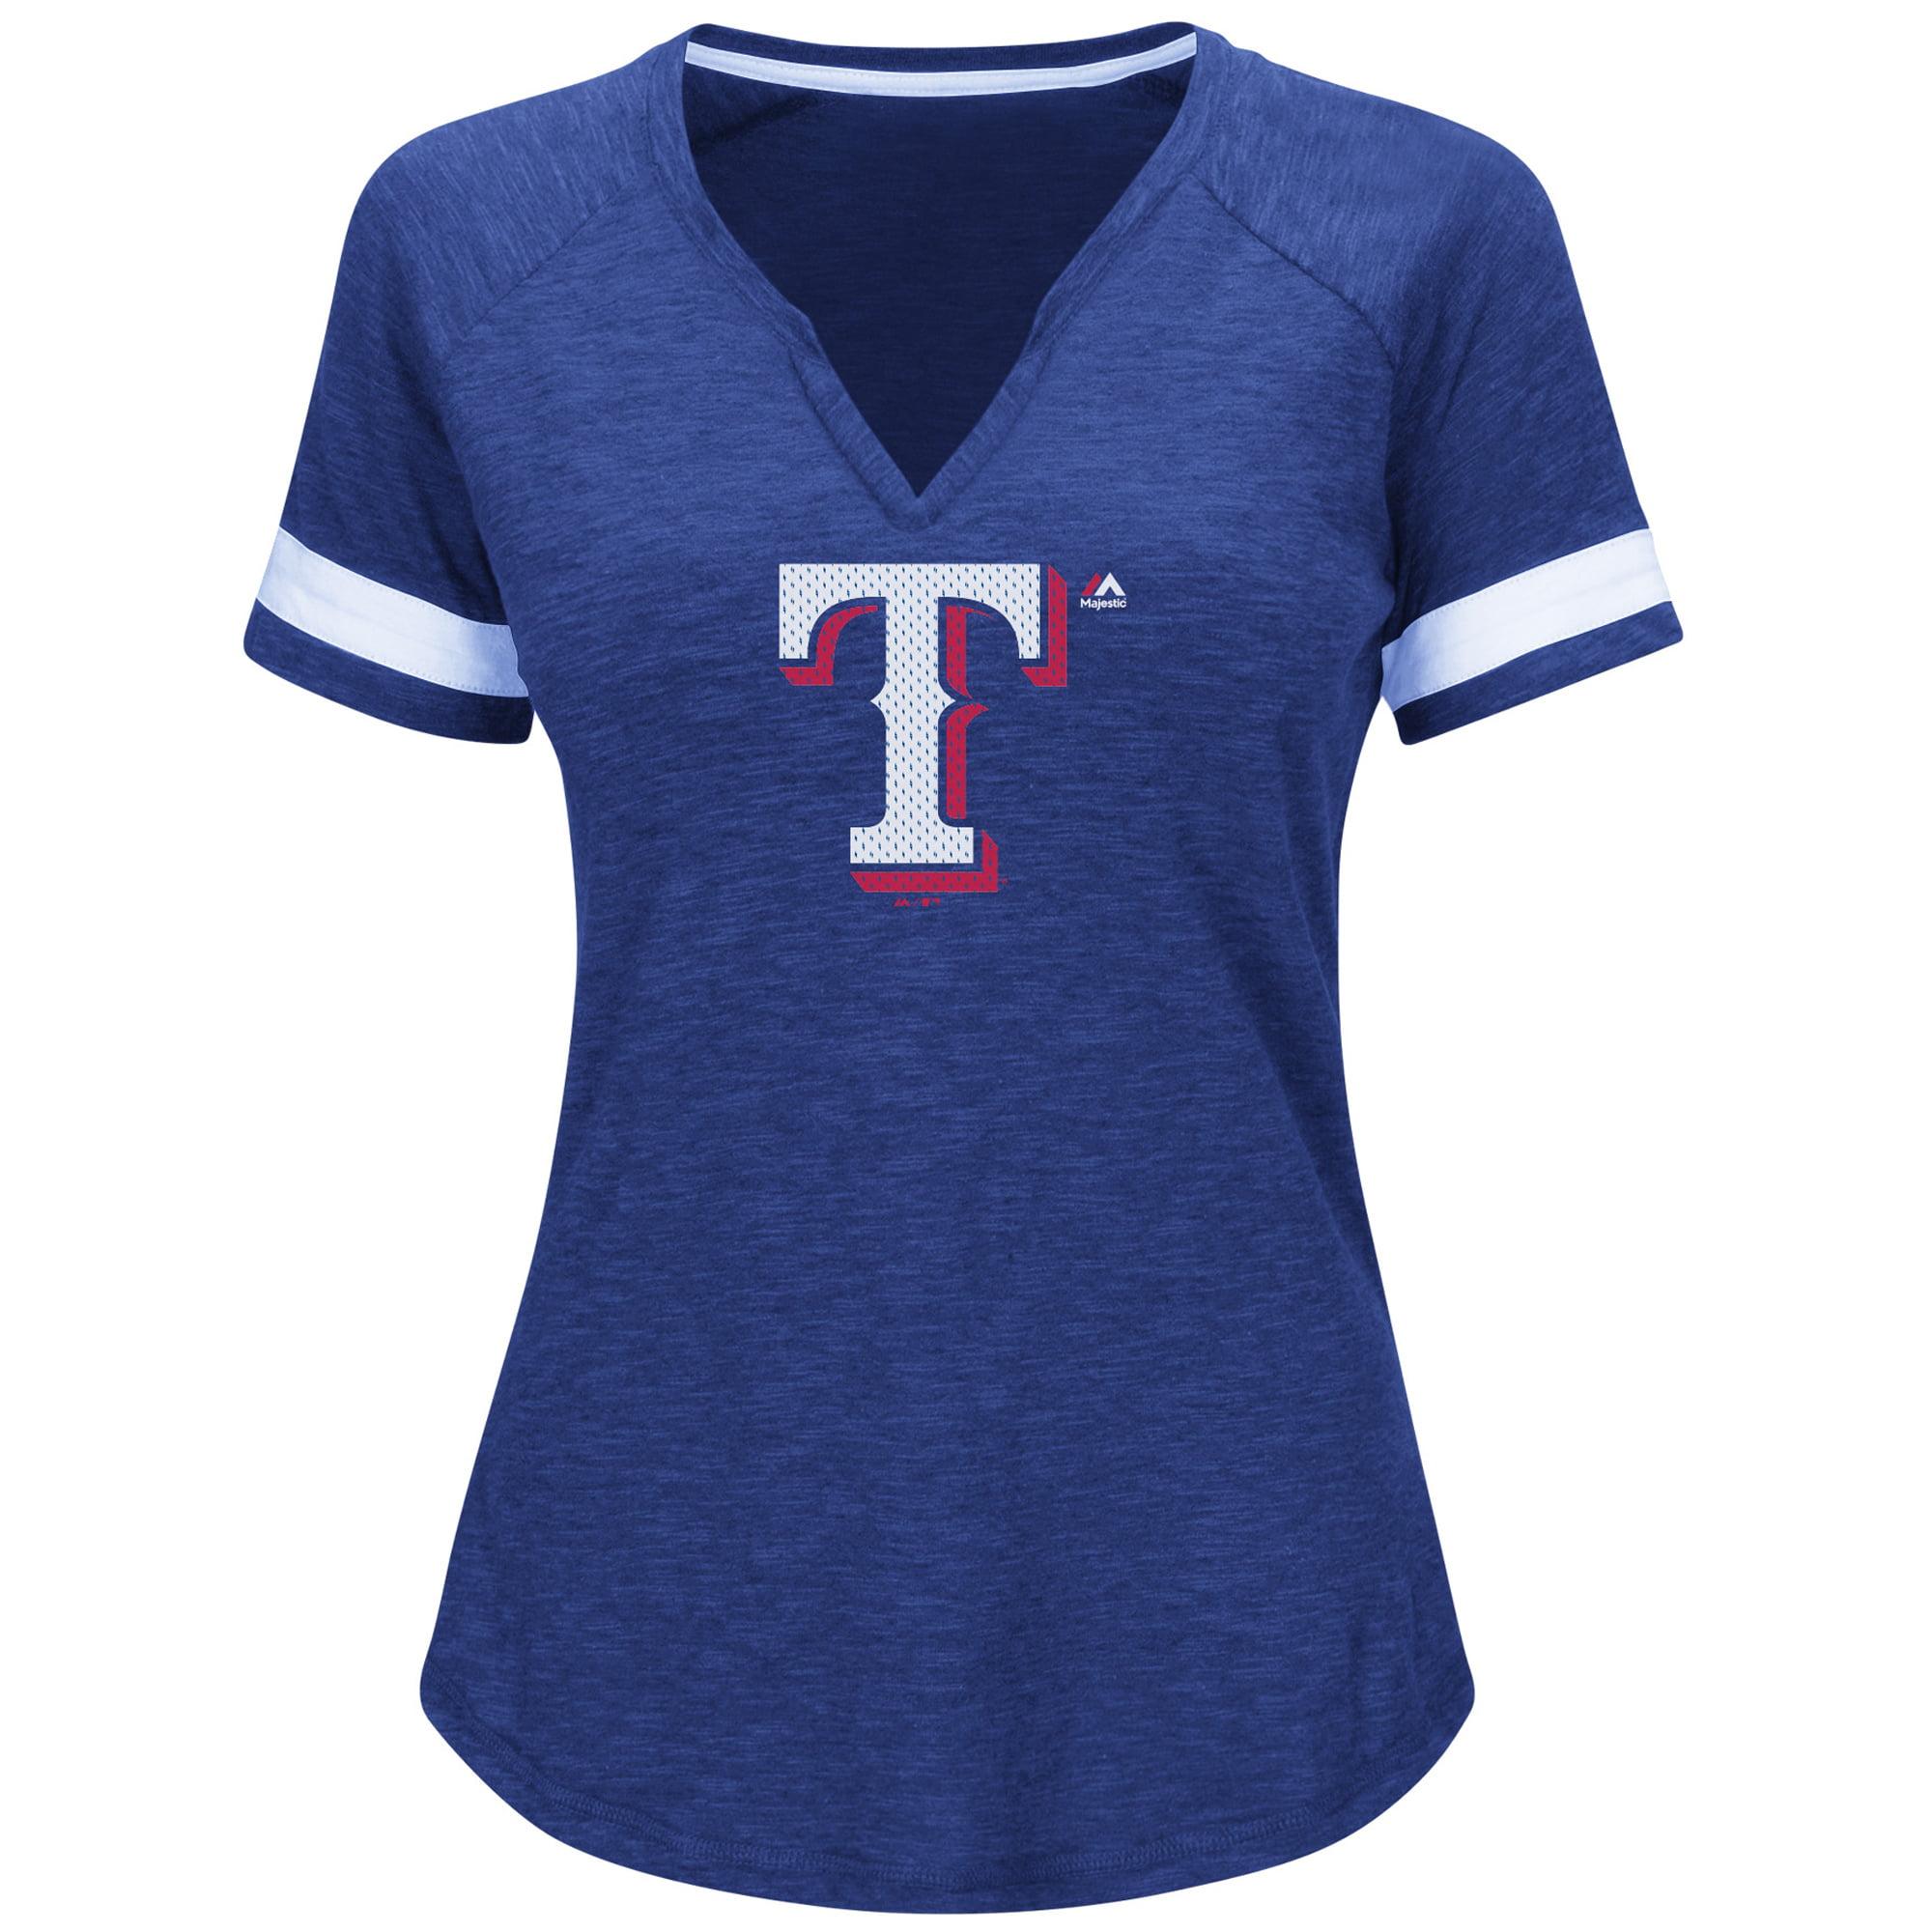 Texas Rangers Majestic Women's Game Stopper Raglan T-Shirt - Royal